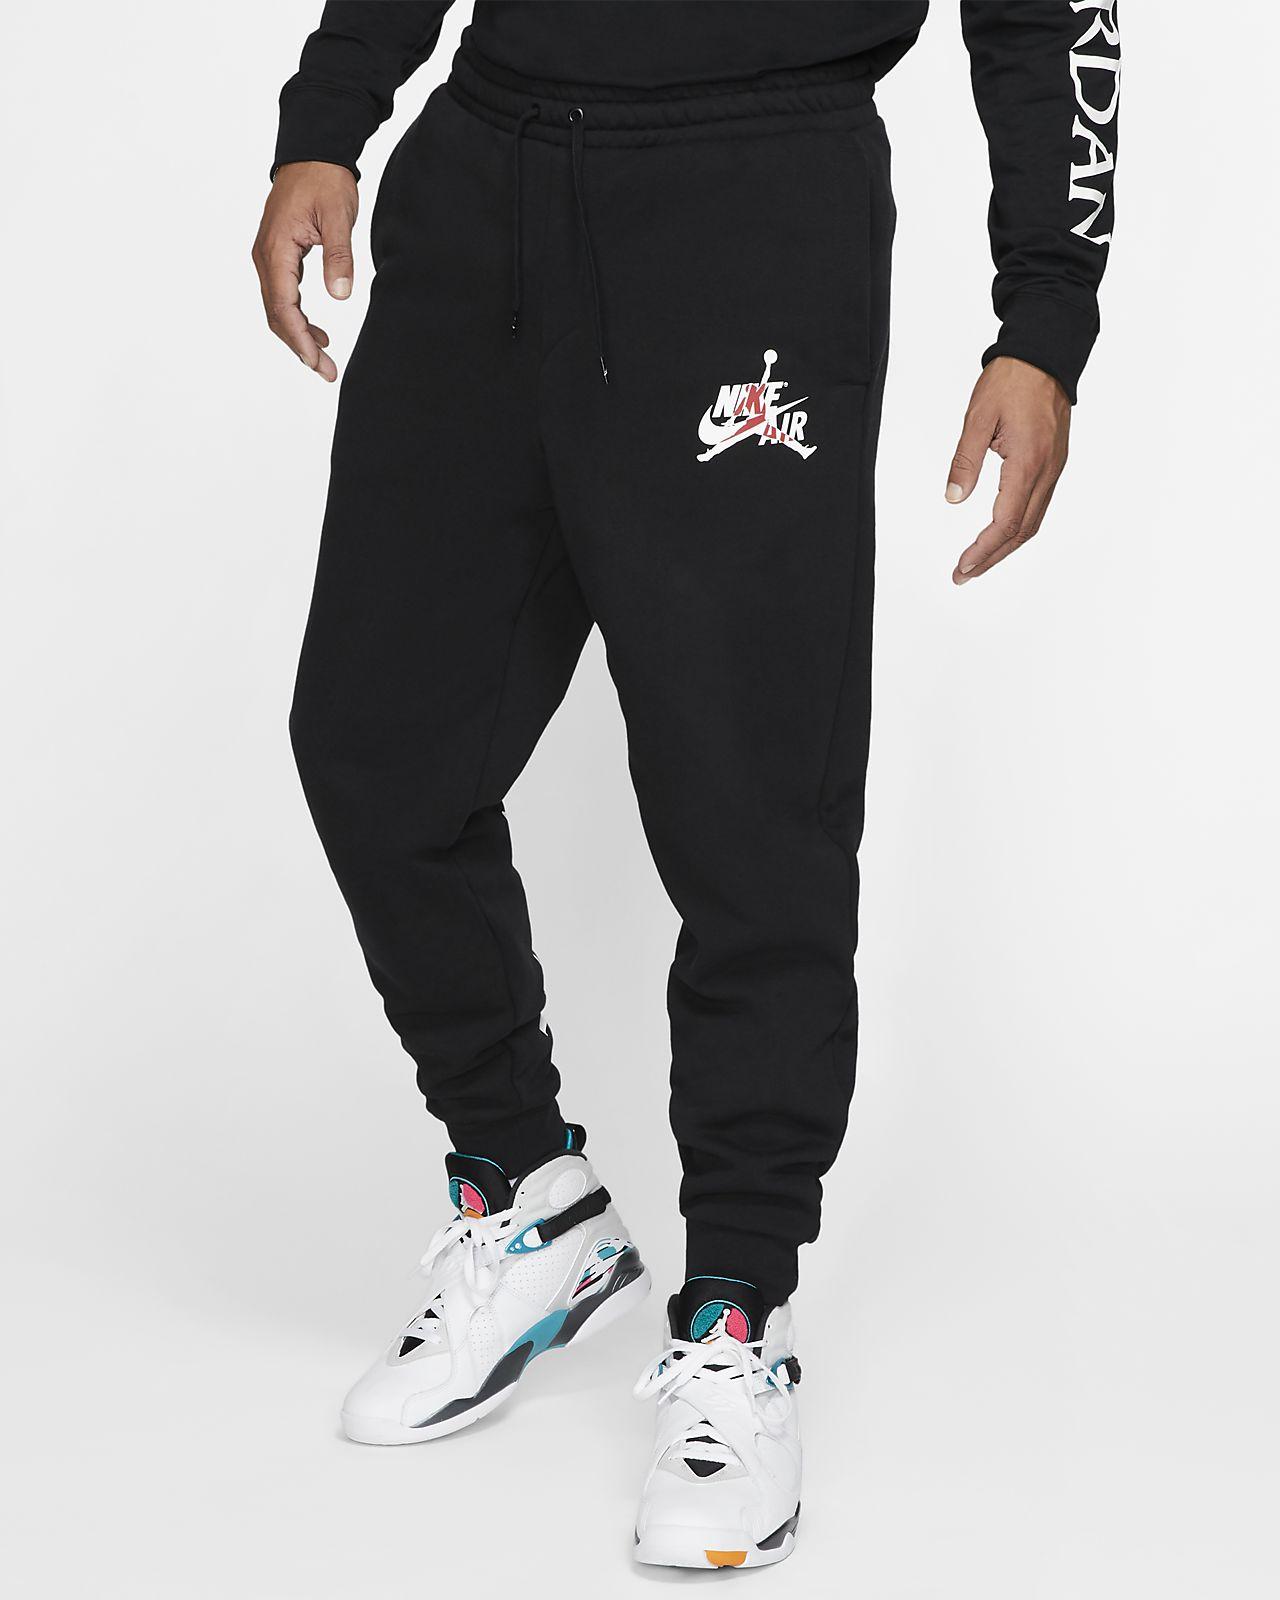 Ανδρικό φλις παντελόνι Jordan Jumpman Classics